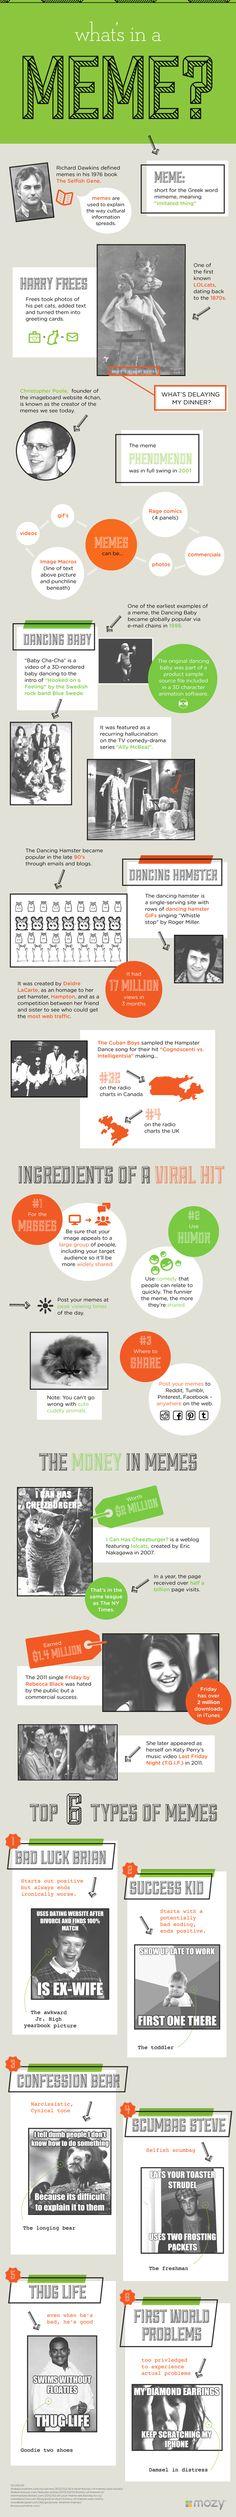 Qué es un meme? - #infografiía / What`s in a meme? - #infographic